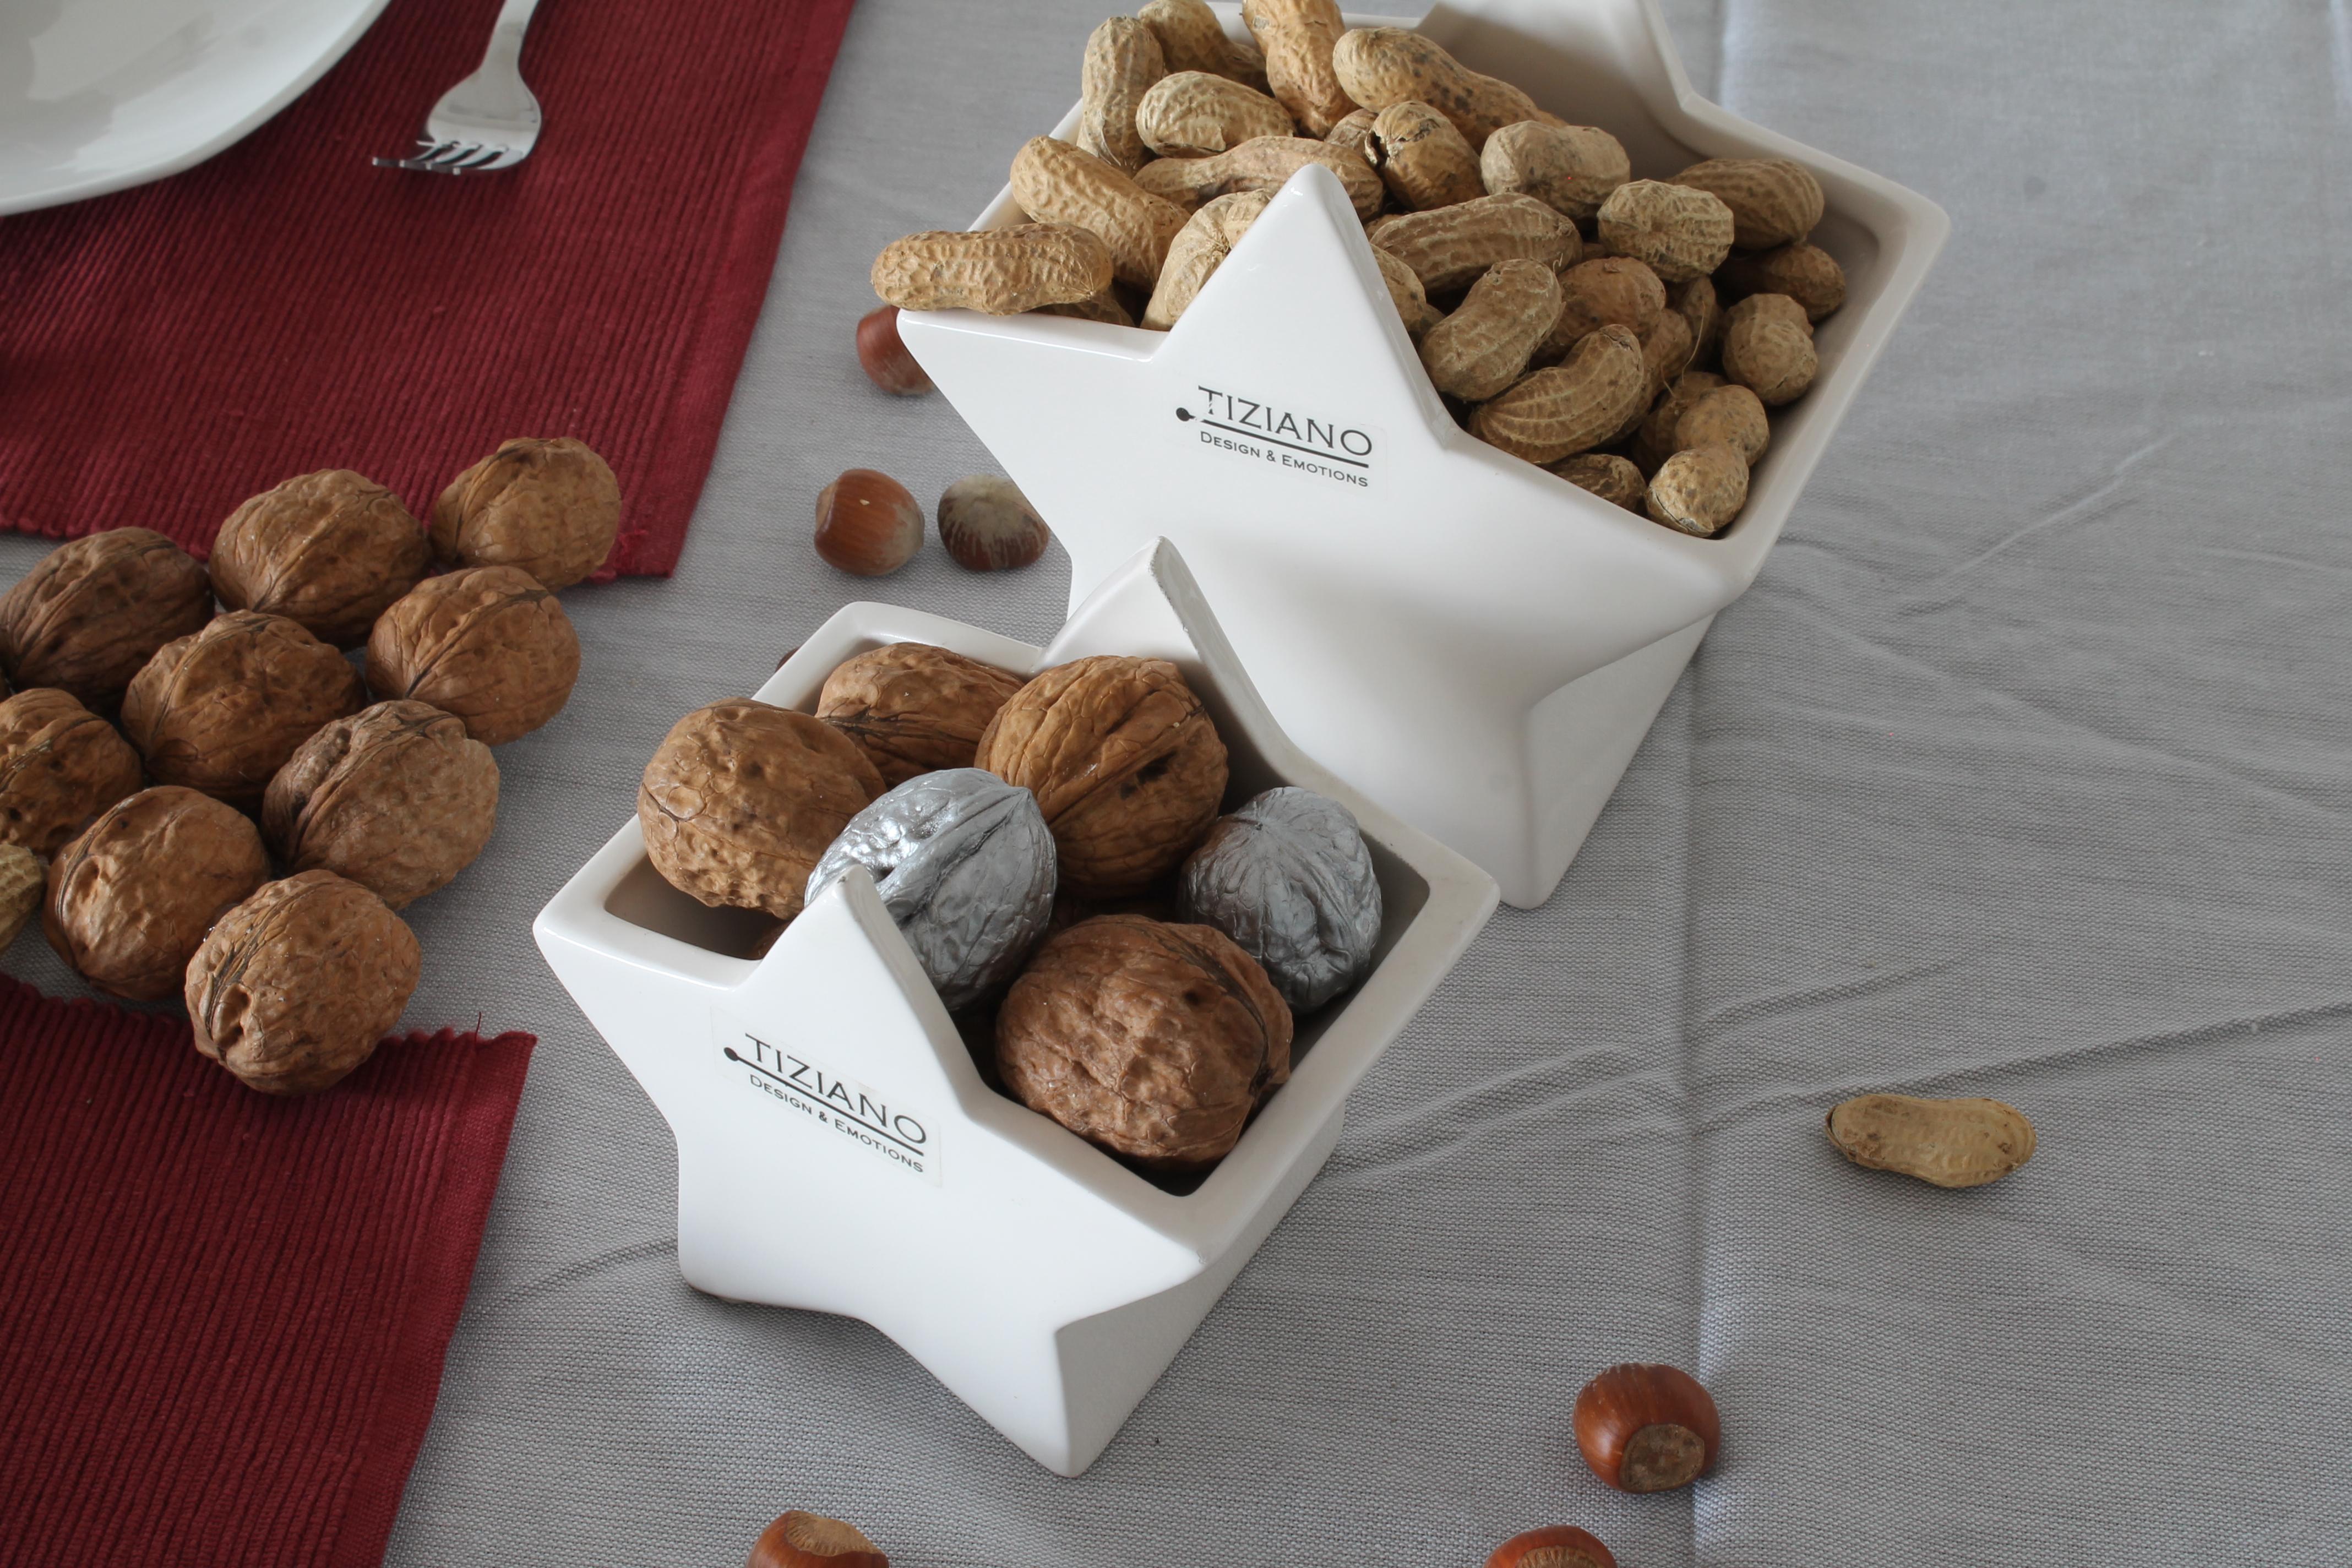 Weihnachtliche Tischdekoration weihnachtliche tischdekoration mit nüssen und tiziano serie cometa tiziano